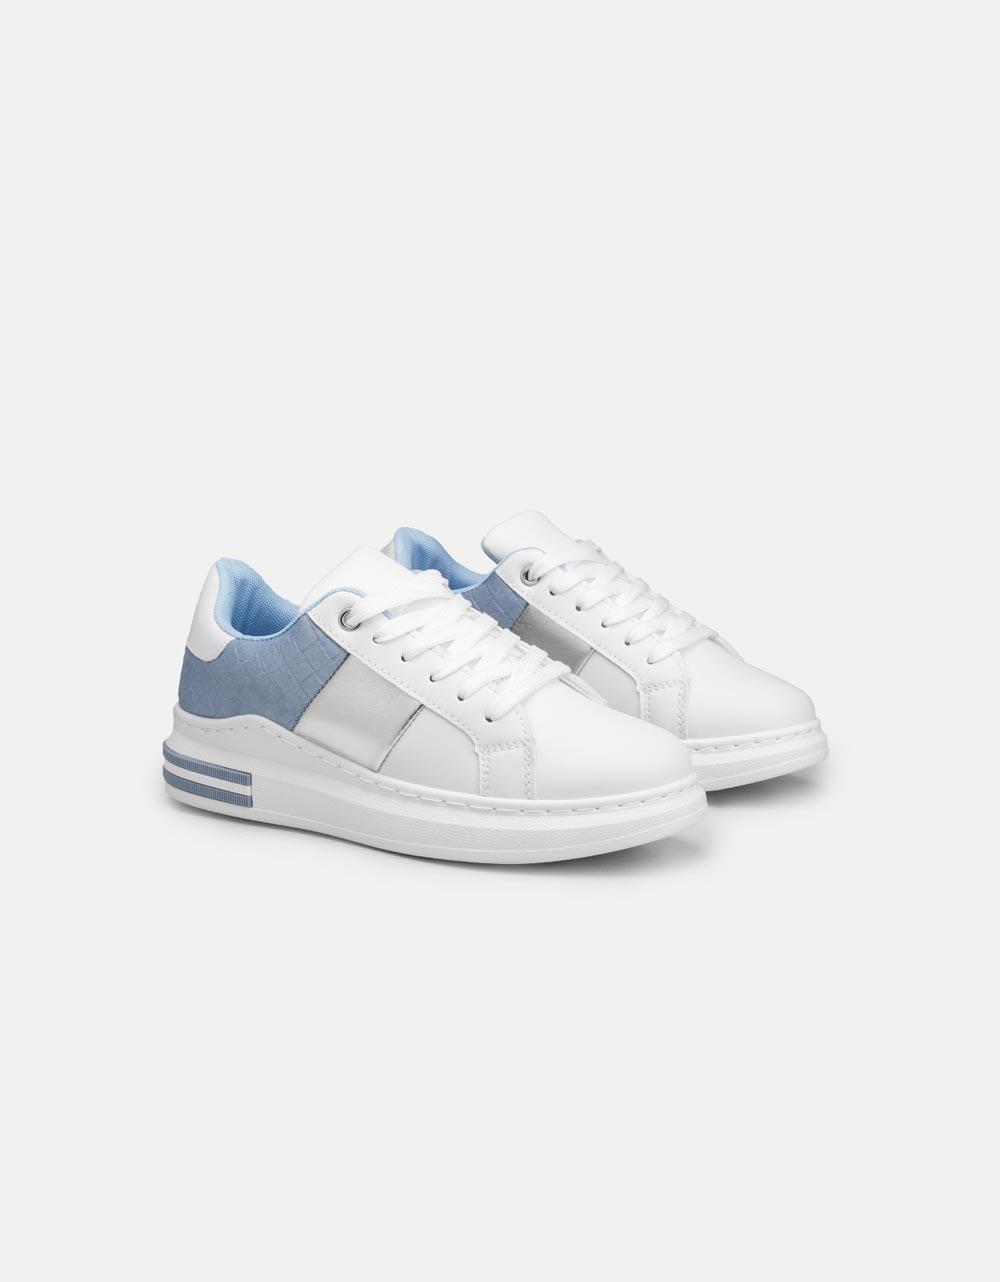 Εικόνα από Γυναικεία sneakers με μεταλλιζέ λεπτομέρεια Μπλε